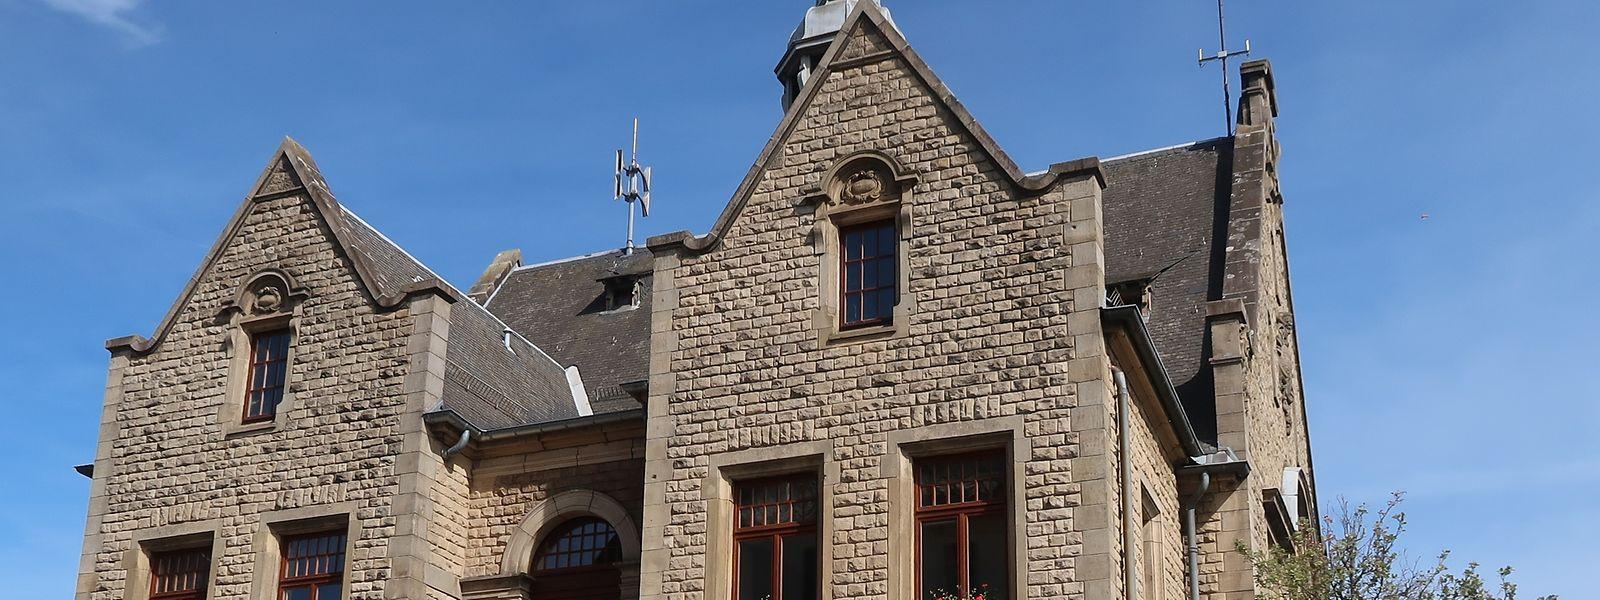 Ein Großteil der Verwaltung dürfte nach einer Fusion wohl im Ettelbrücker Gemeindehaus untergebracht werden. Doch auch in Erpeldingen und Schieren sollen Außenstellen Bürgernähe garantieren.